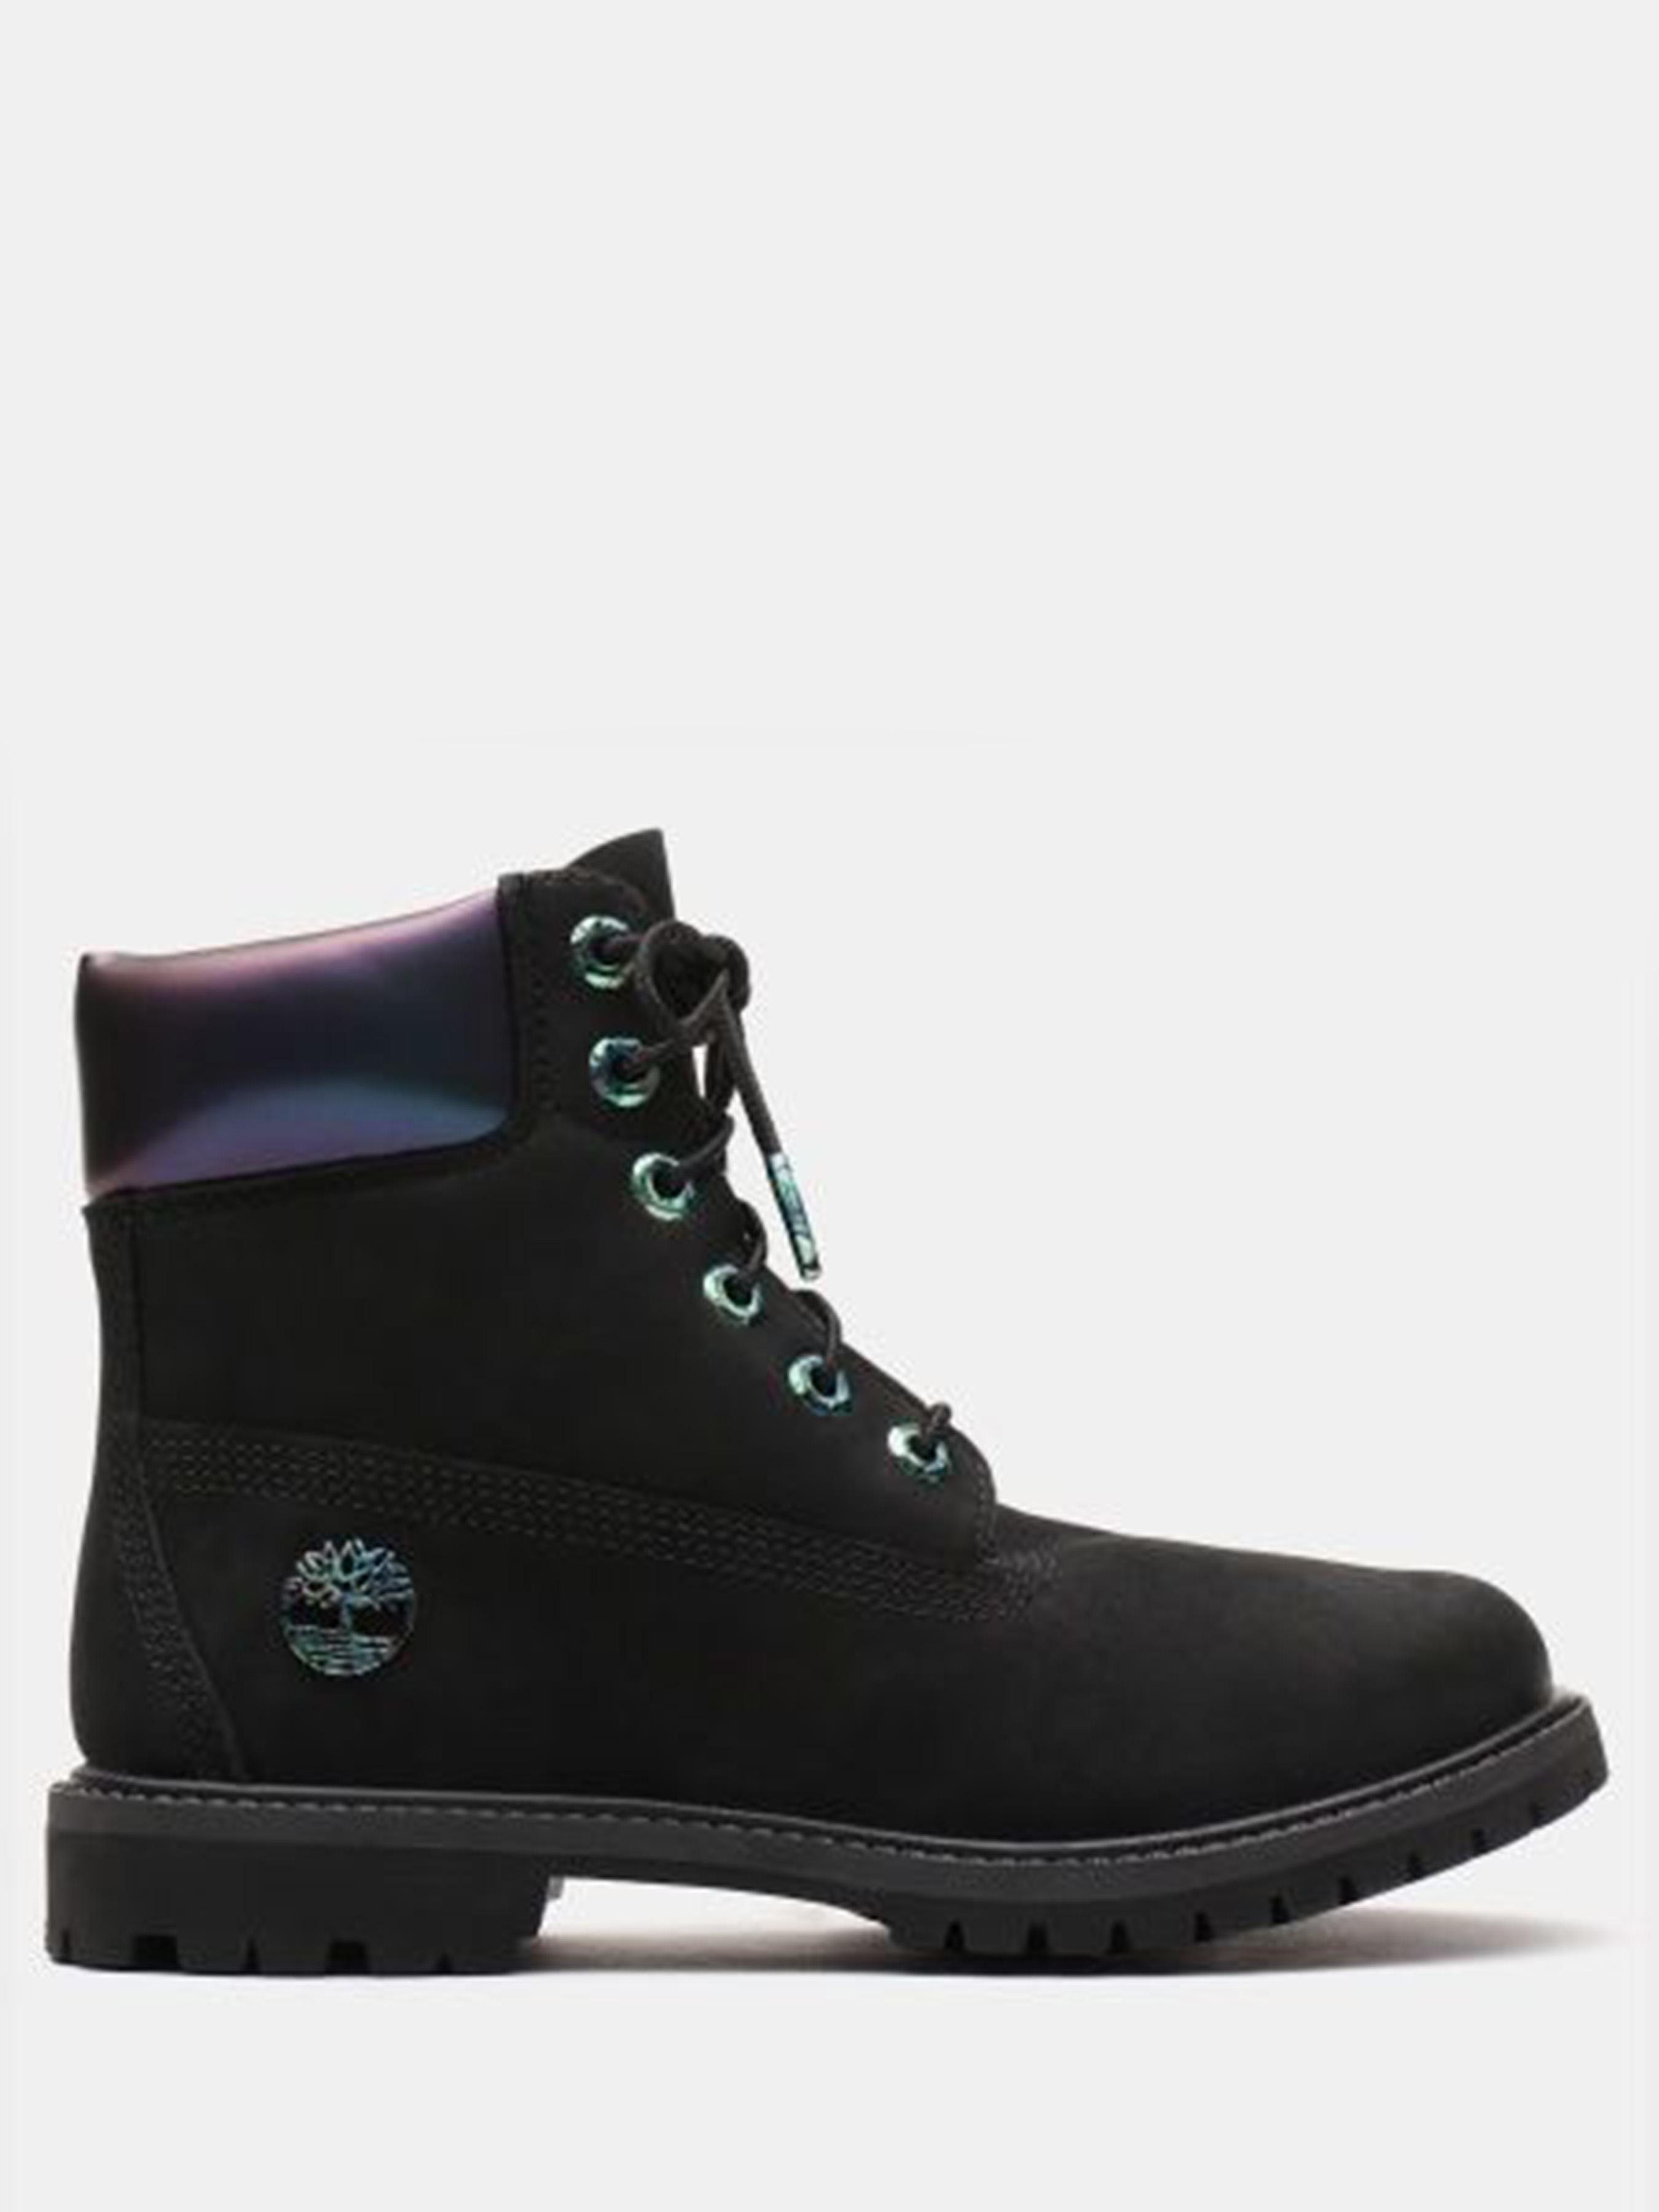 Купить Ботинки женские Timberland Timberland Premium TG2323, Черный